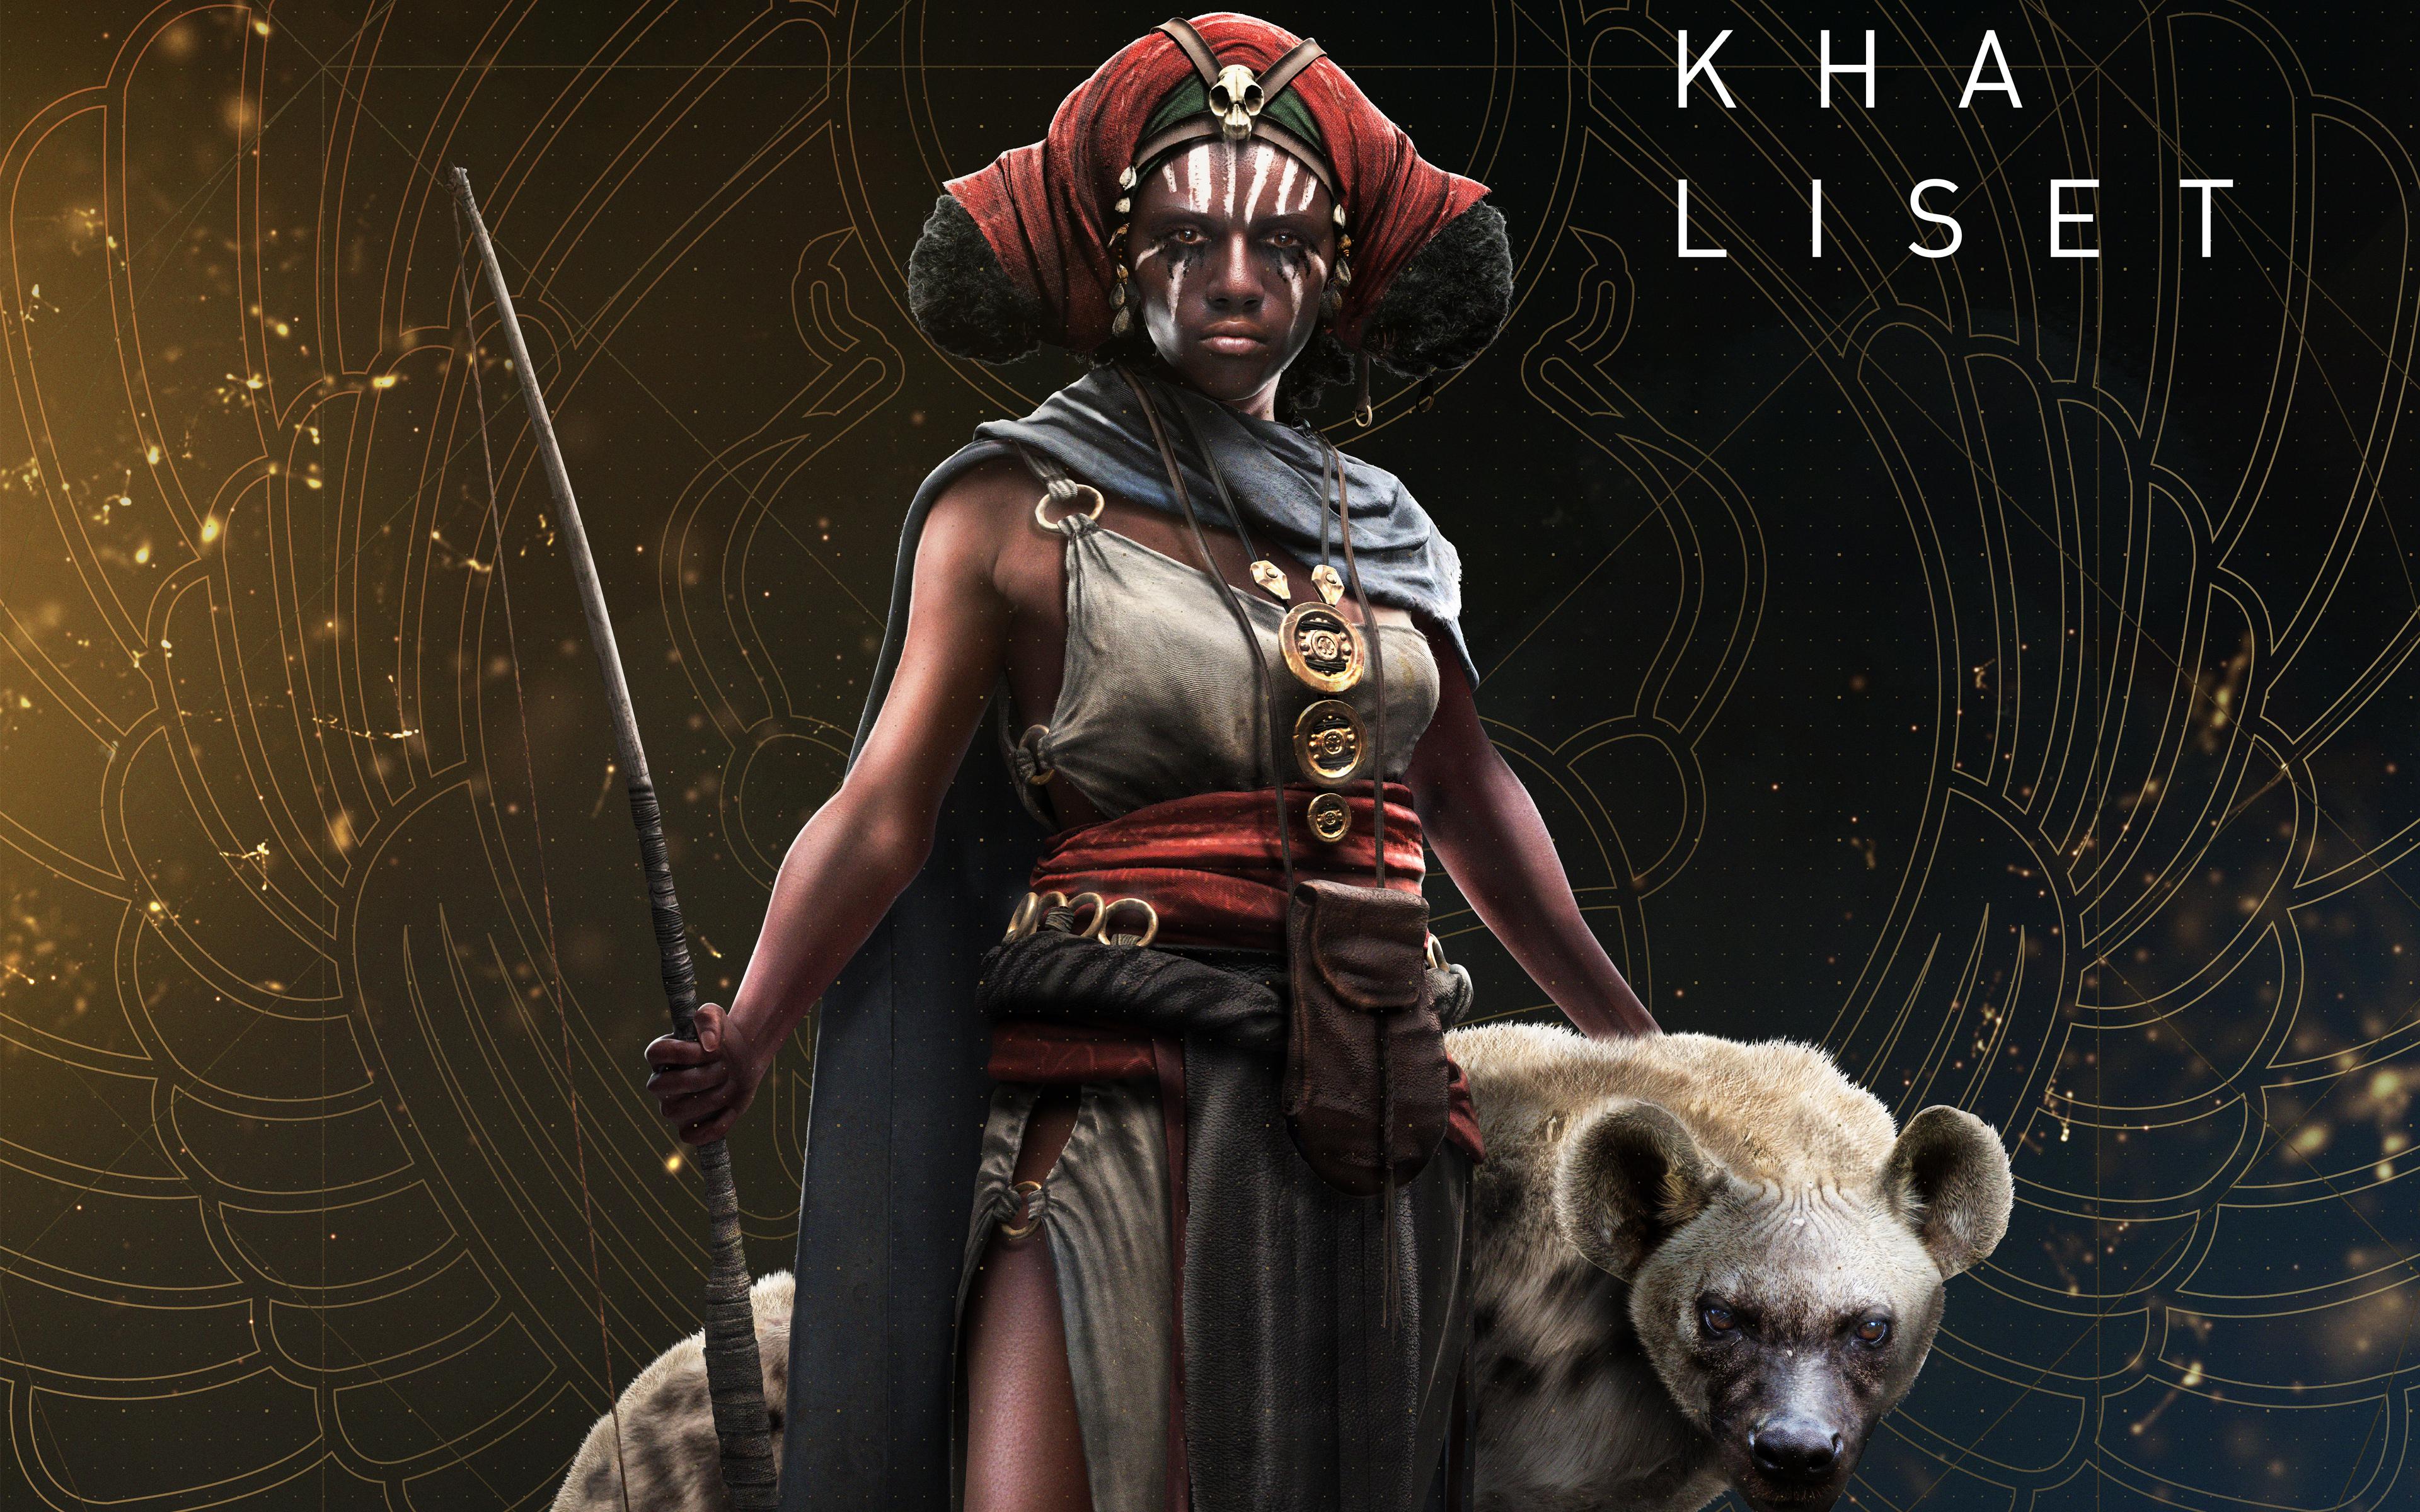 Khaliset Assassins Creed Origins 4k Wallpapers Hd Wallpapers